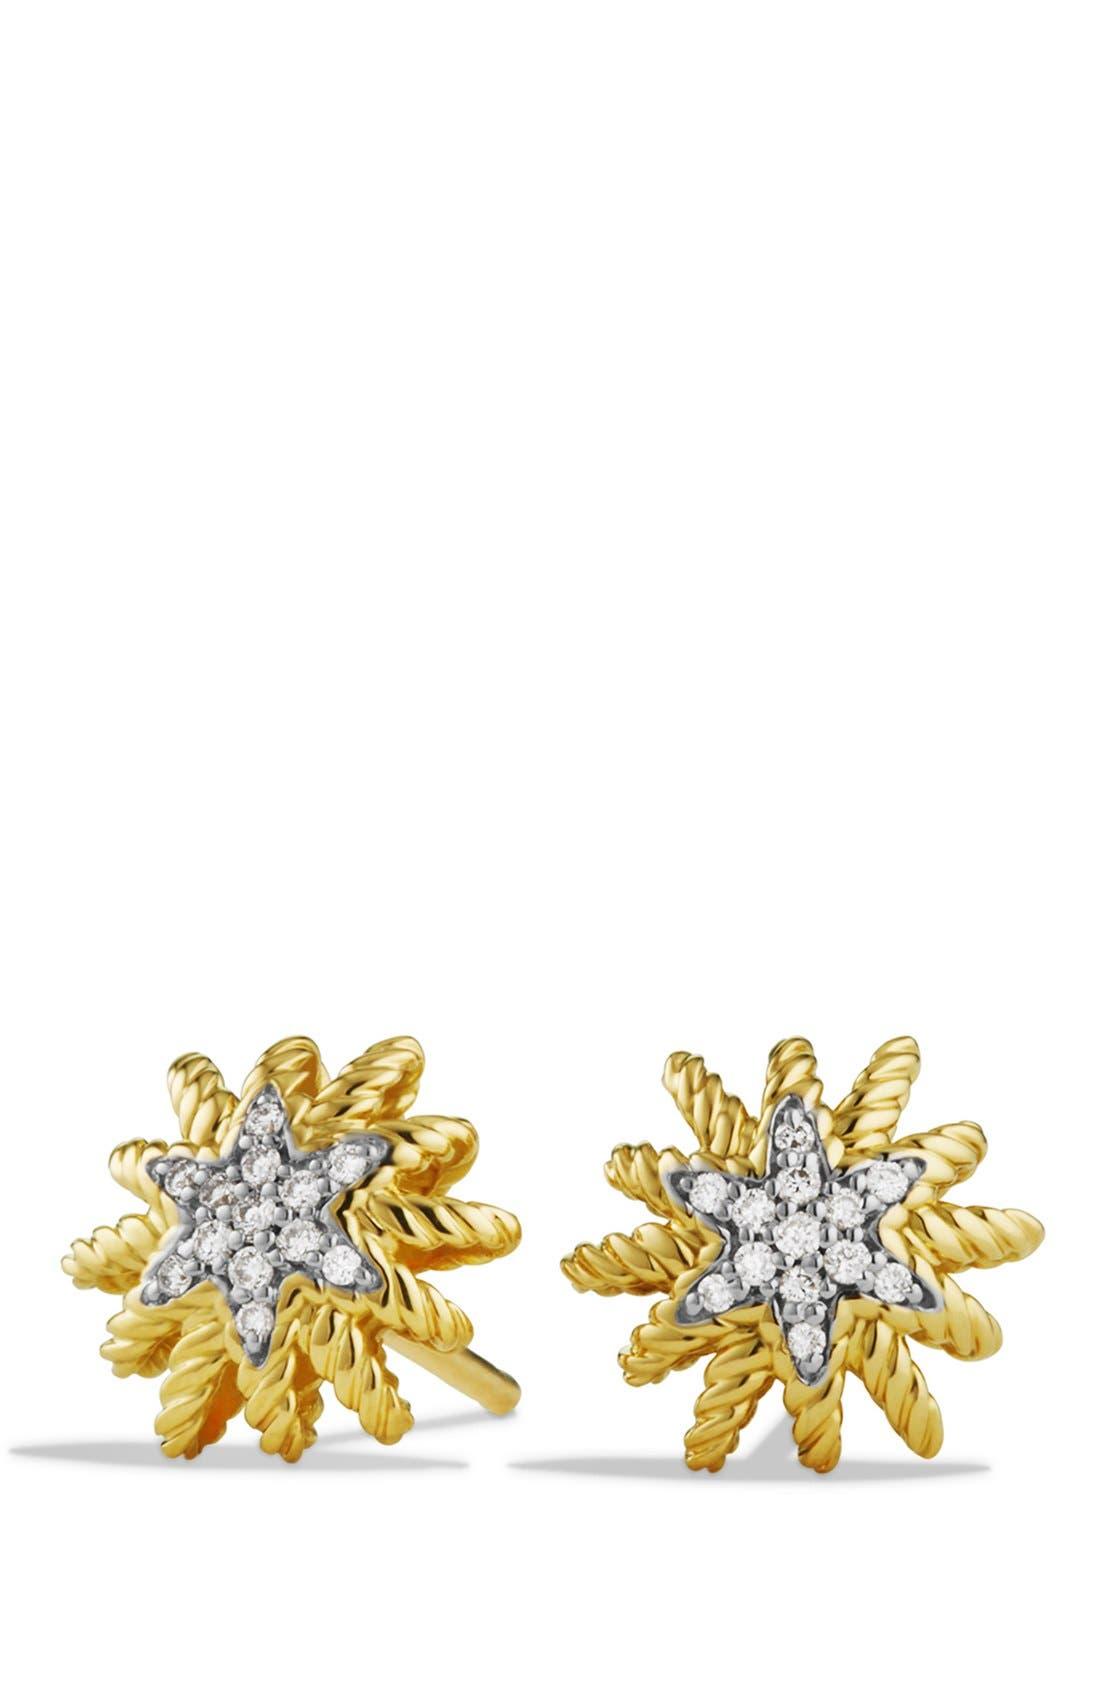 DAVID YURMAN Starburst Mini Earrings with Diamonds in Gold